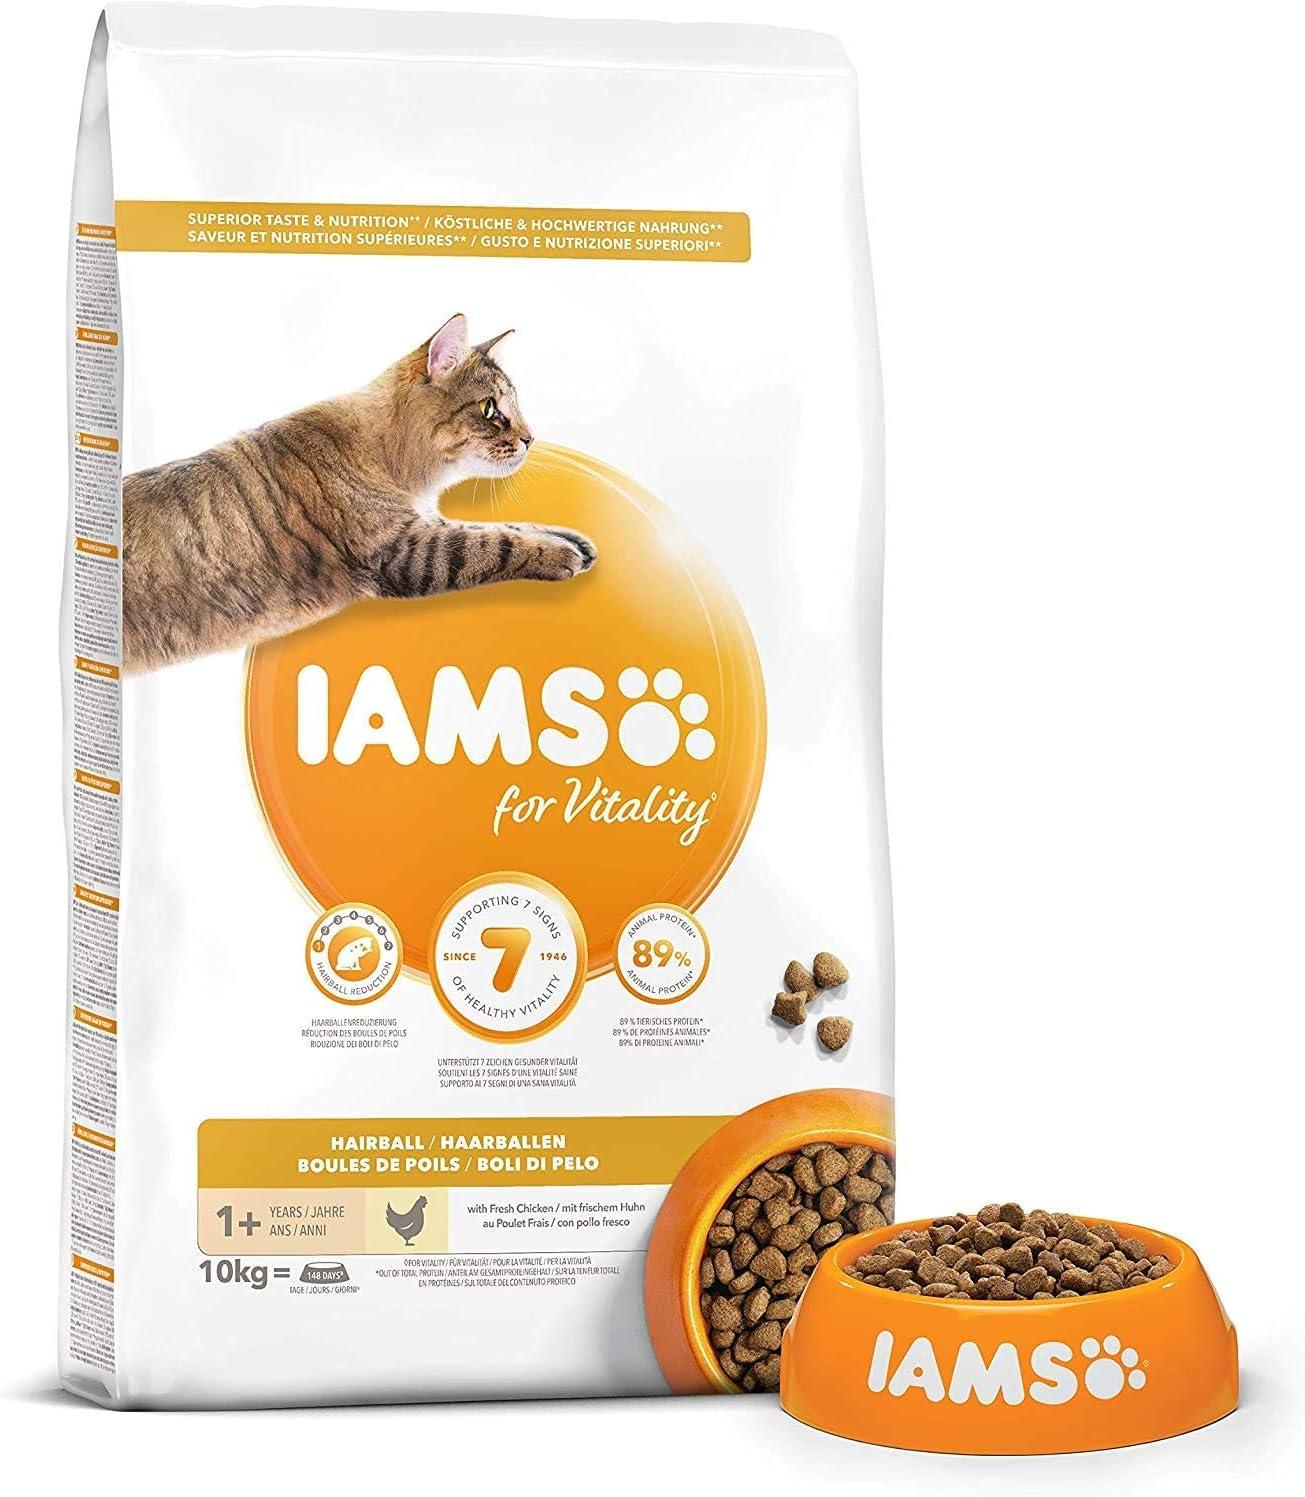 IAMS for Vitality Bolas de Pelo Alimento para Gatos con pollo fresco, 10 kg: Amazon.es: Productos para mascotas